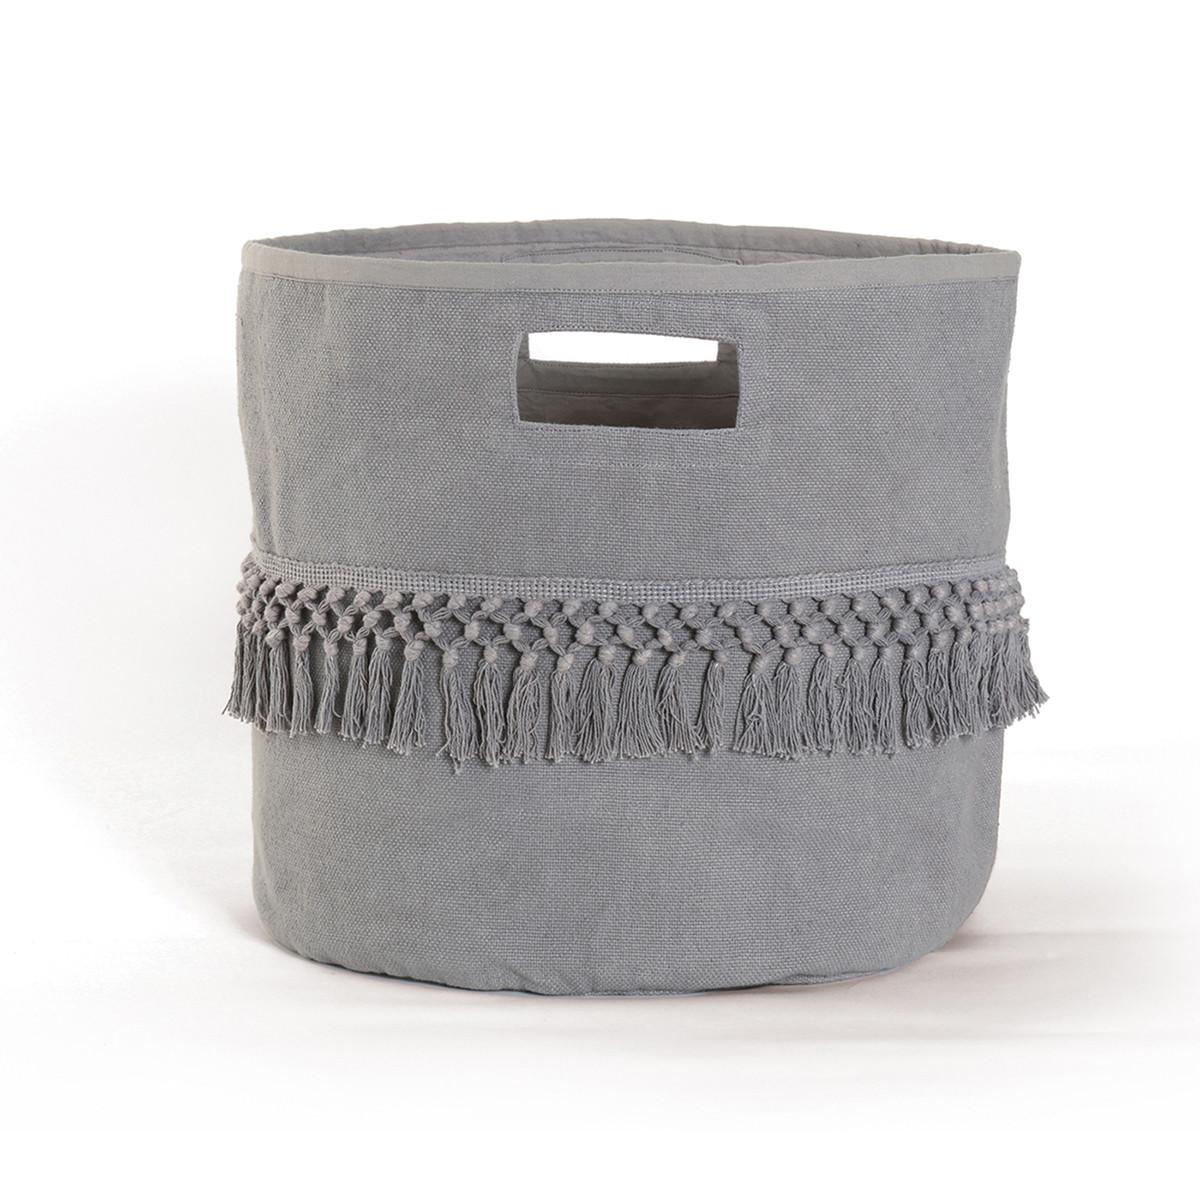 Καλάθι Αποθήκευσης Nef-Nef Rikkas Grey home   διακόσμηση   κουτιά αποθήκευσης   καλάθια